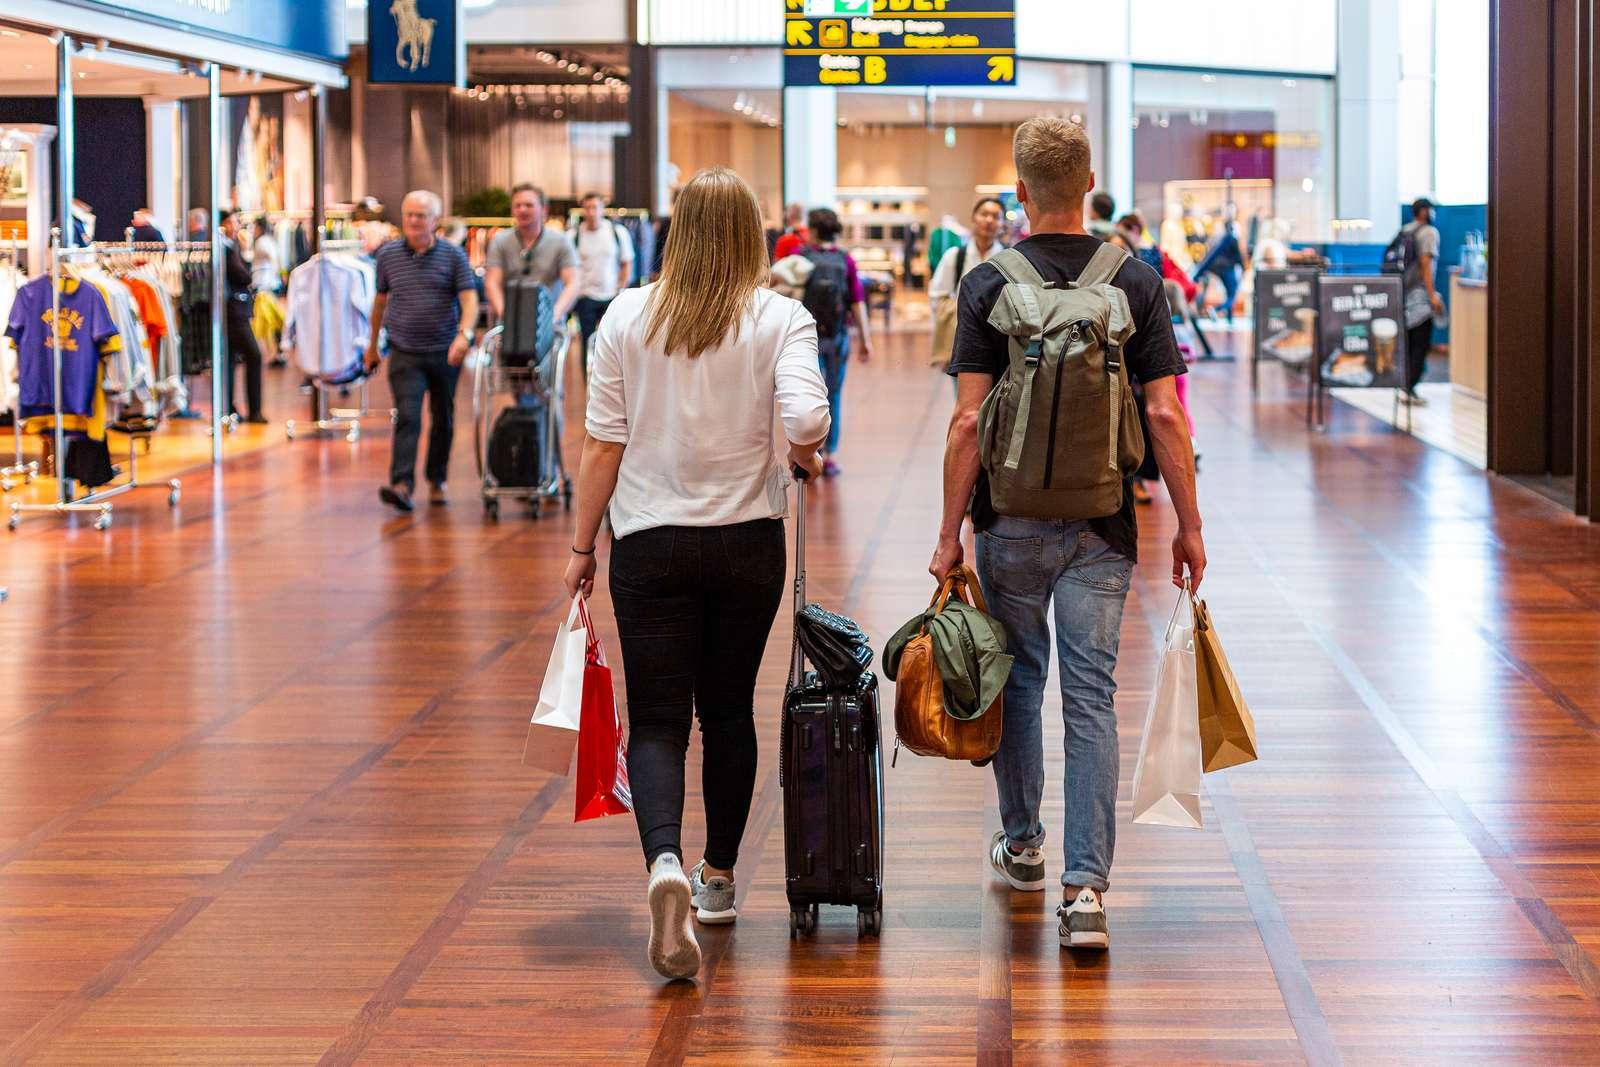 Ankommende passagerer i danske lufthavne skal ikke screenes for den nye SARS-lignende nCoV-virus. Arkivpressefoto fra Københavns Lufthavn: Bardur Mikladal.